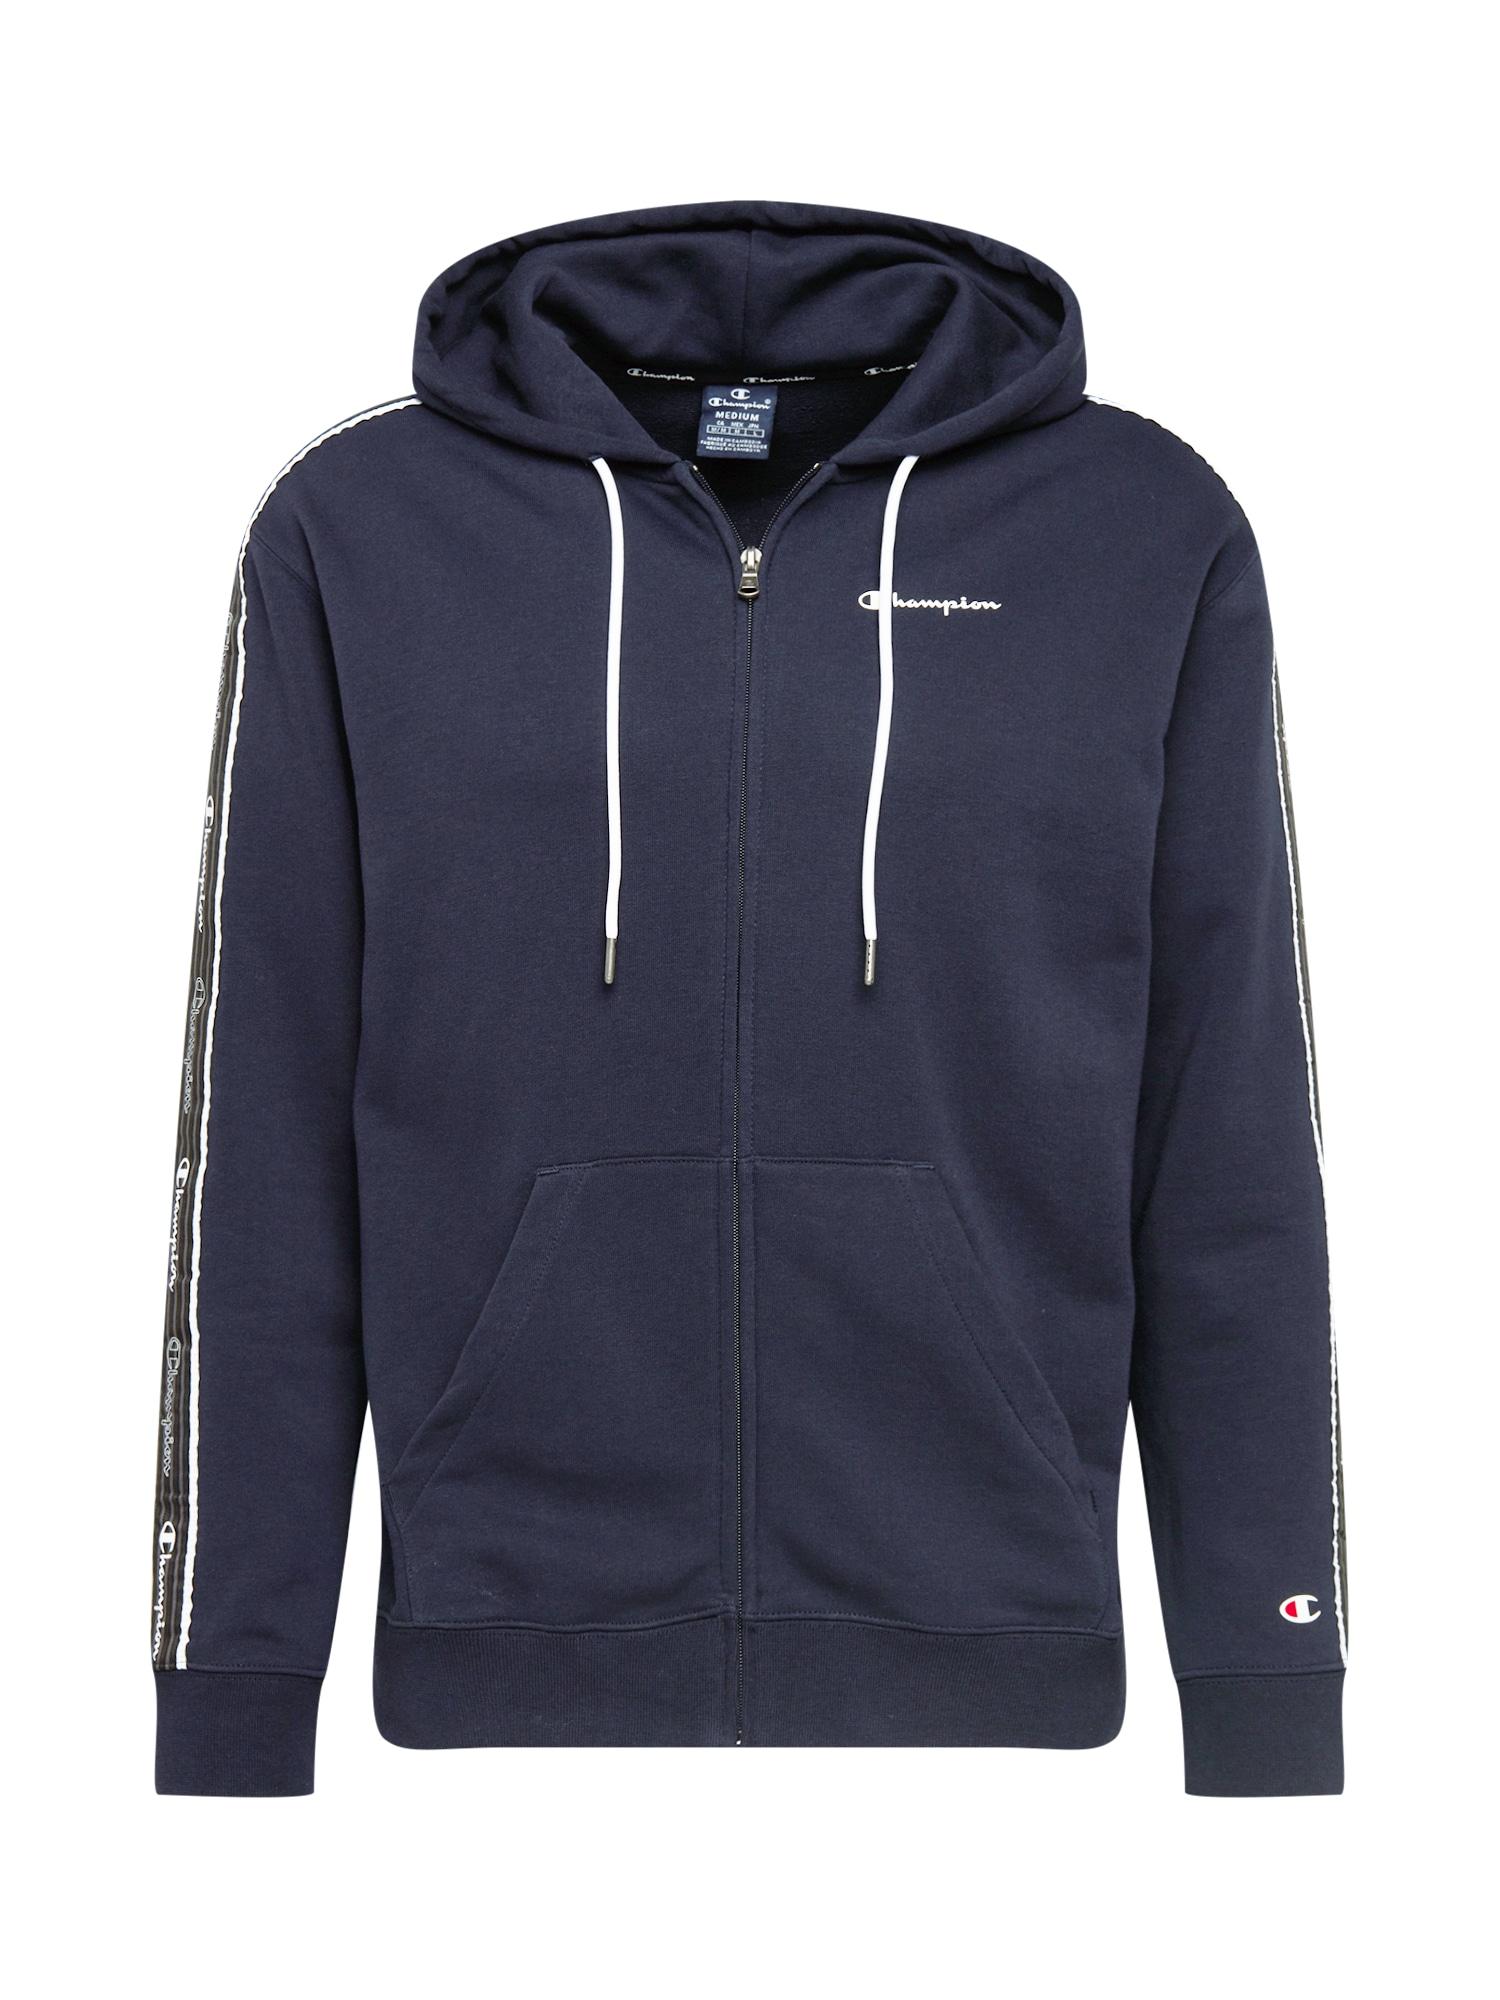 Champion Authentic Athletic Apparel Džemperis tamsiai mėlyna / balta / ugnies raudona / juoda / tamsiai pilka